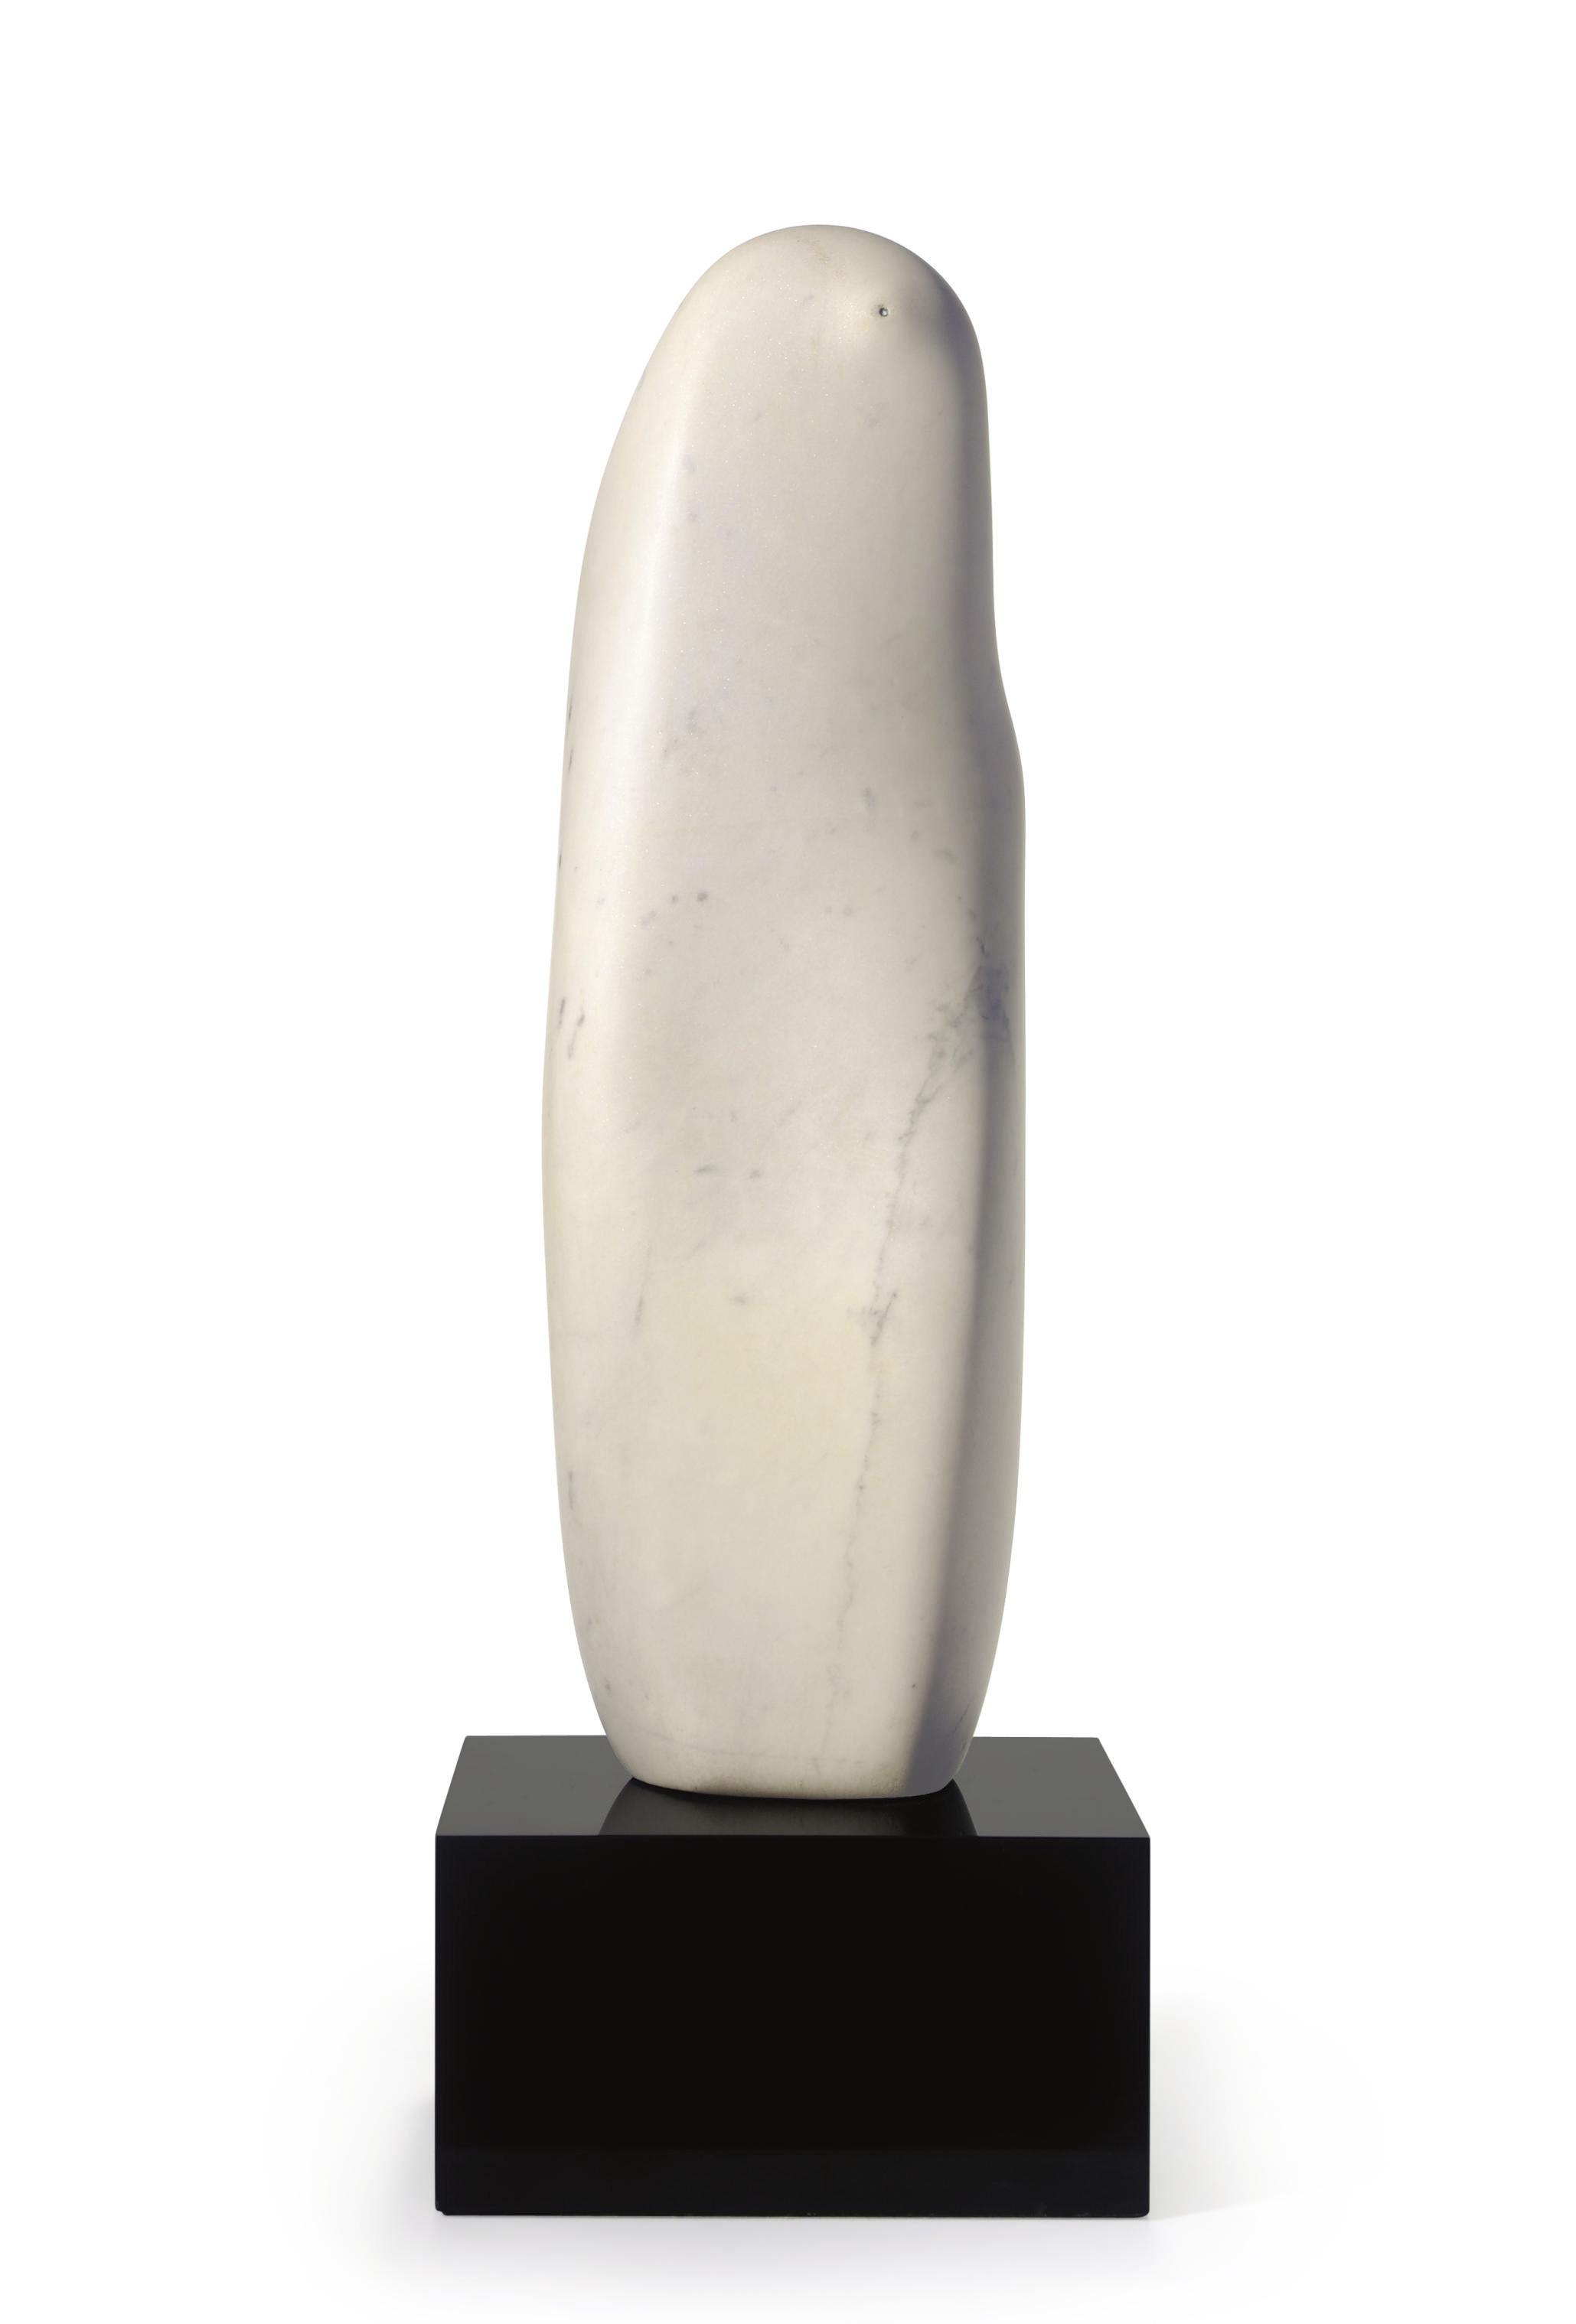 Barbara Hepworth (1903-1975)